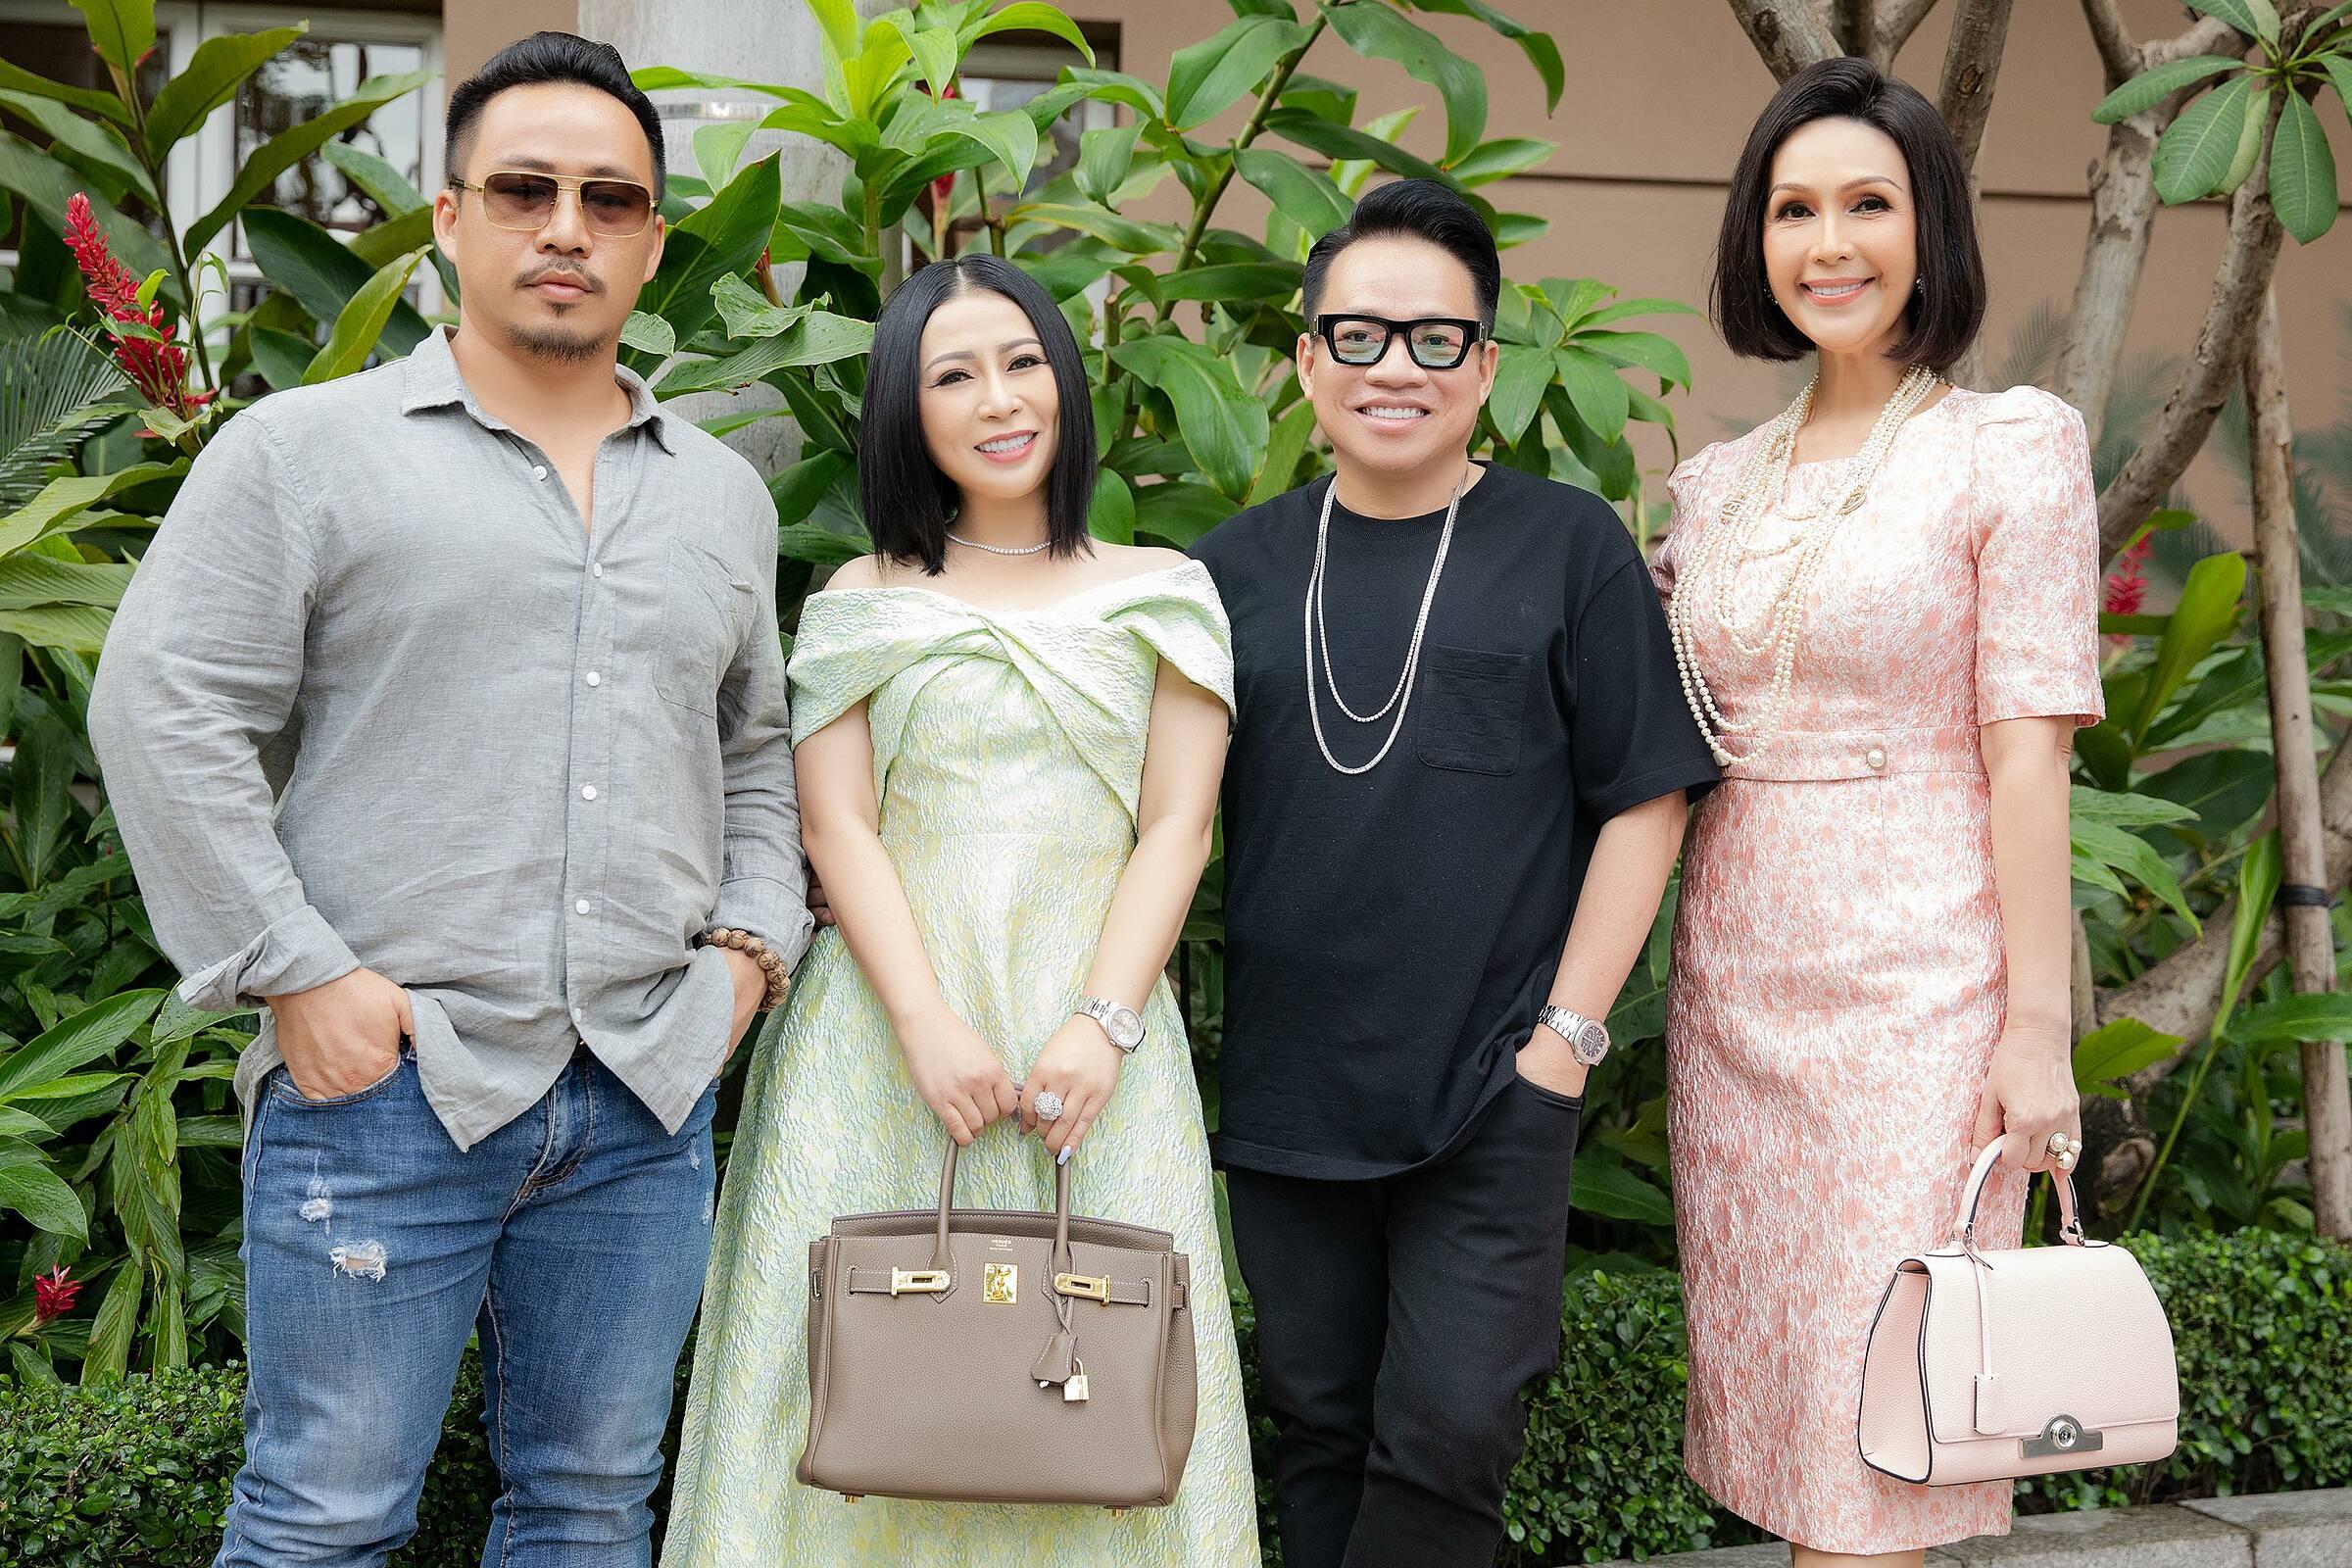 Màu xanh cốm cùng kiểu dáng may cắt trễ vai trẻ trung giúp Kristine Thảo Lâm thanh lịch và trẻ trung hơn. Mẫu váy của nàng hậu đến từ thương hiệu SIXDO của nhà thiết kế Đỗ Mạnh Cường. Còn nữ diễn viên chọn thiết kế váy hồng nhẹ nhàng, sang trọng.